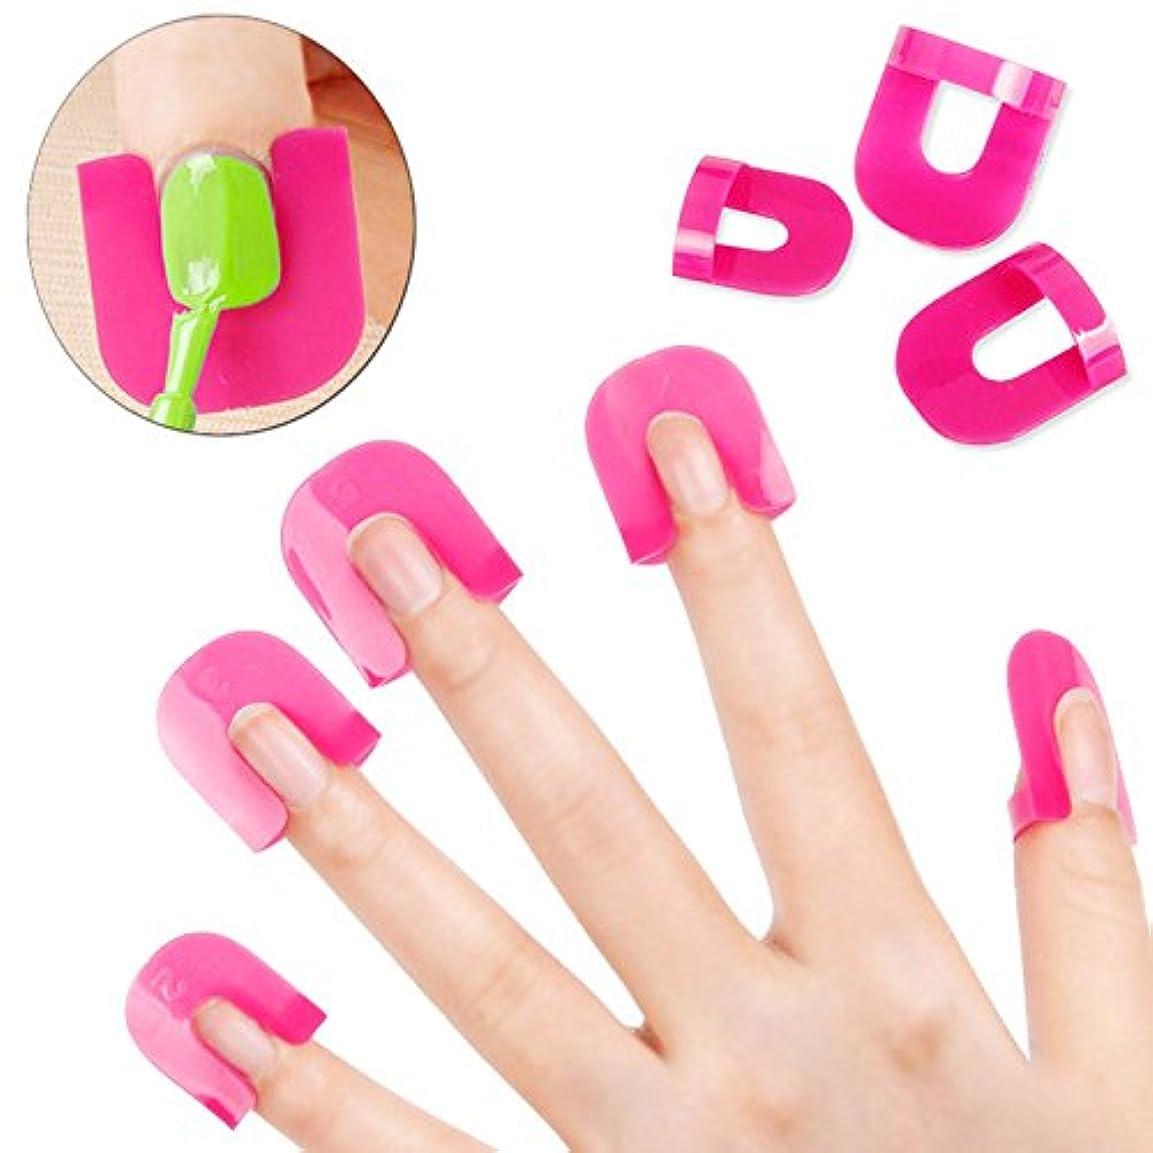 泥だらけ薄いですステーキNew 26PCS Professional French Nail Art Manicure Stickers Tips Finger Cover Polish Shield Protector Plastic Case...